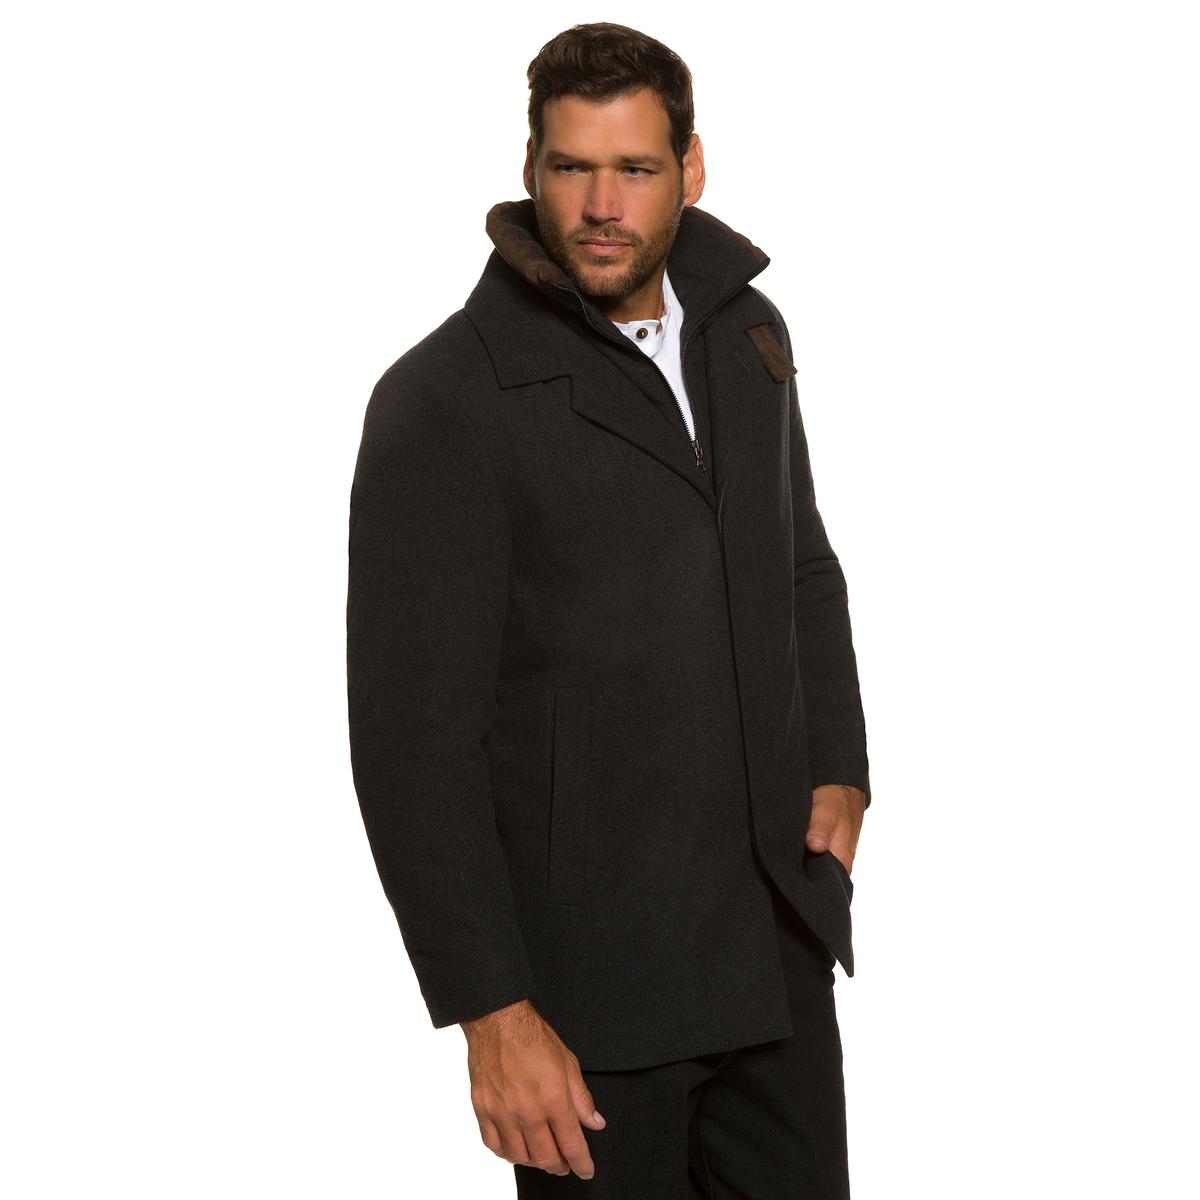 Пальто 50% шерстиПальто из шерсти и настоящего кашемира  ! Первоклассный дизайн, функциональное пальто со встроенным жилетом . Воротник на подкладке, вставки под кожу, невидимая застежка на молнию . 2 нагрудных кармана, 2 сдвоенных кармана . Длина спинки ок. 84 - 93 см .<br><br>Цвет: антрацит